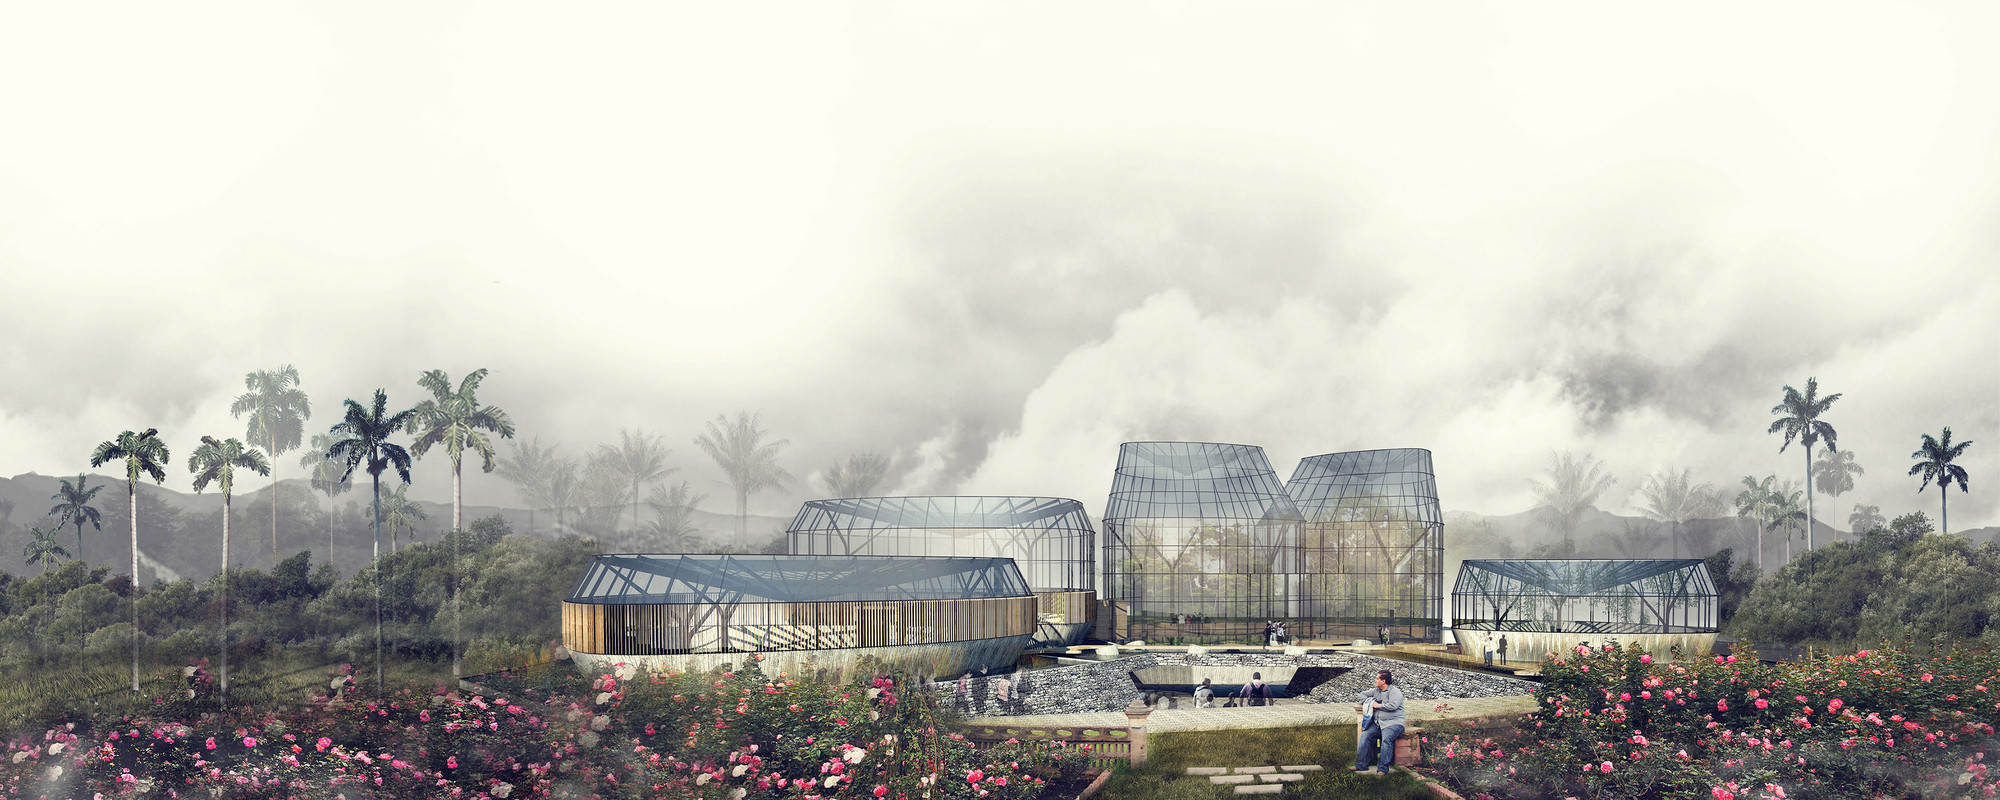 Primer Lugar en concurso público para el diseño del nuevo Tropicario del Jardín Botánico / Bogotá, Colombia, Courtesy of De Arquitectura y Paisaje